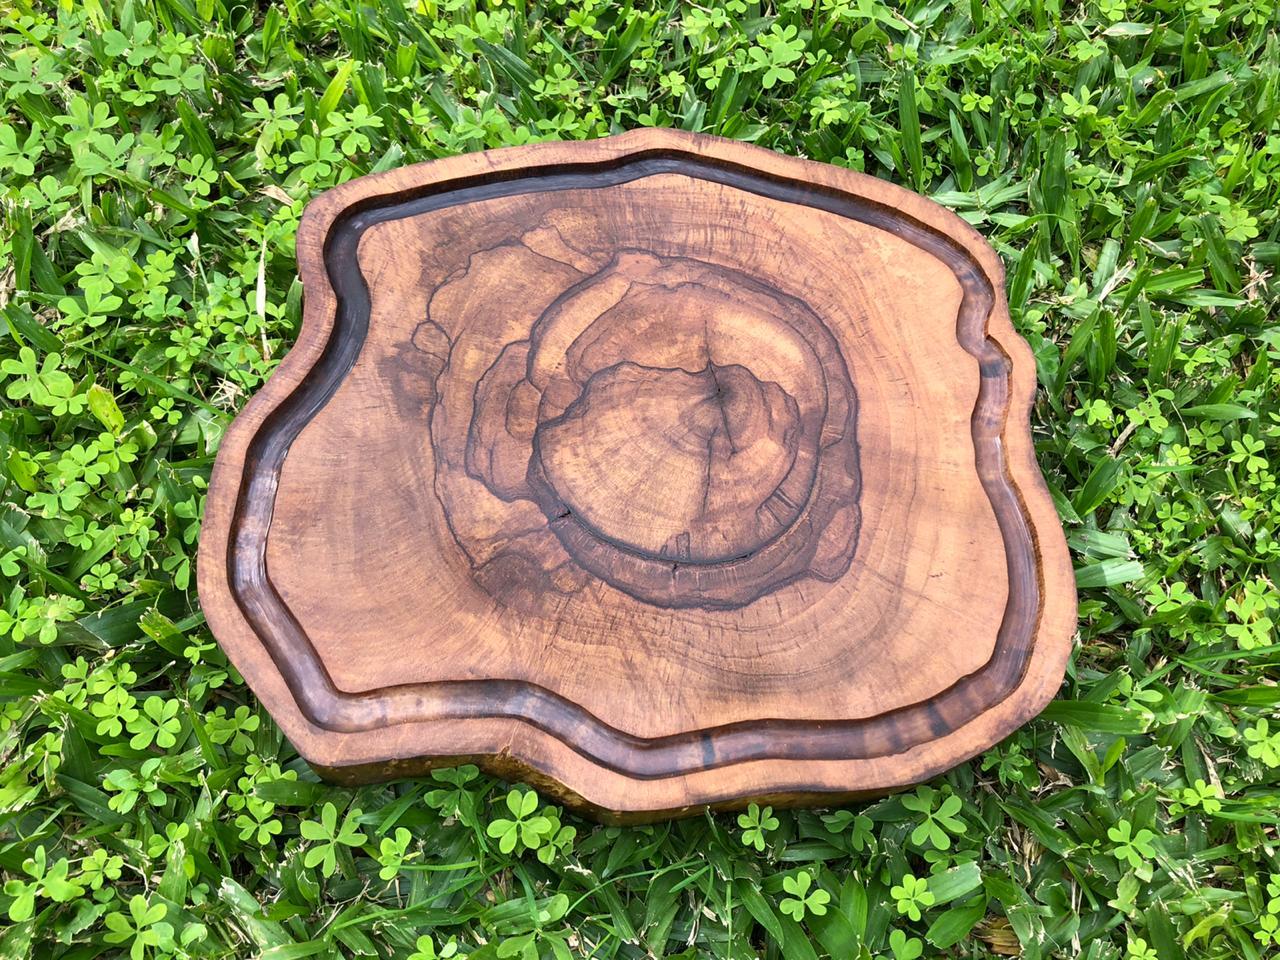 Tábua artesanal rústica de corte para churrascos e assados